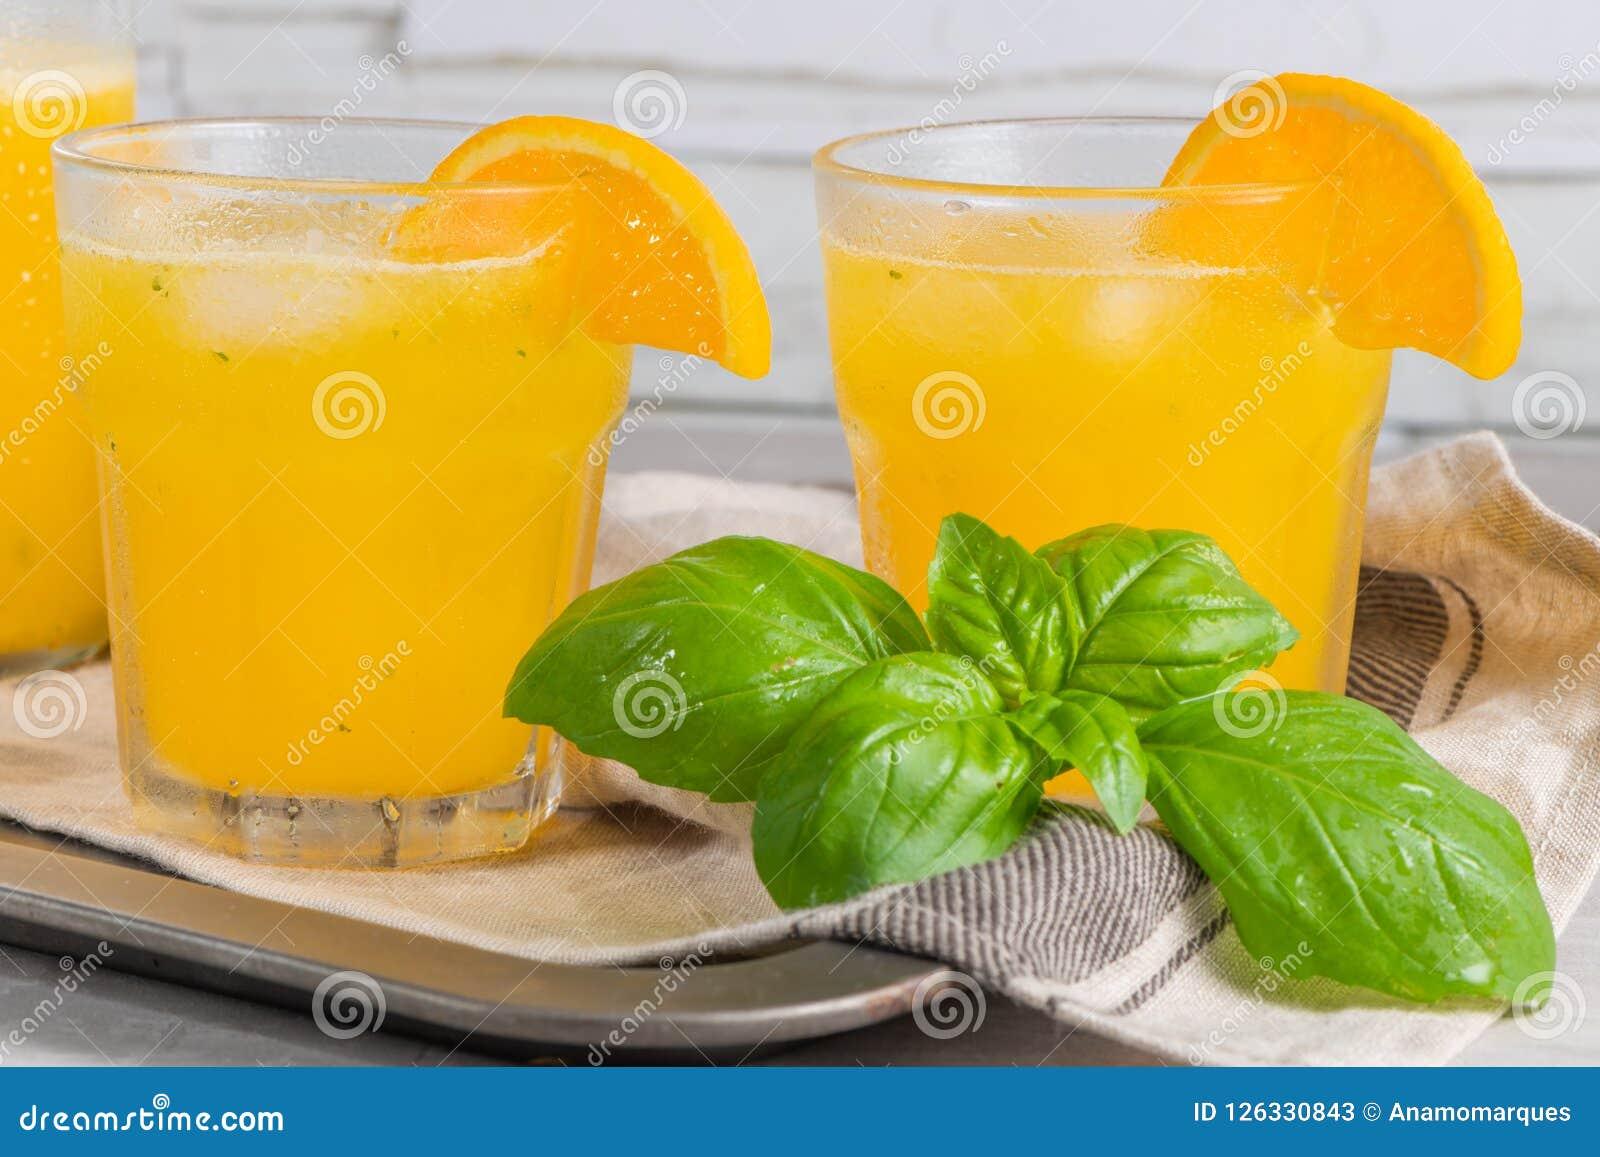 Le Jus D Orange Fait Maison Avec Les Glacons Et Le Basilic Part En